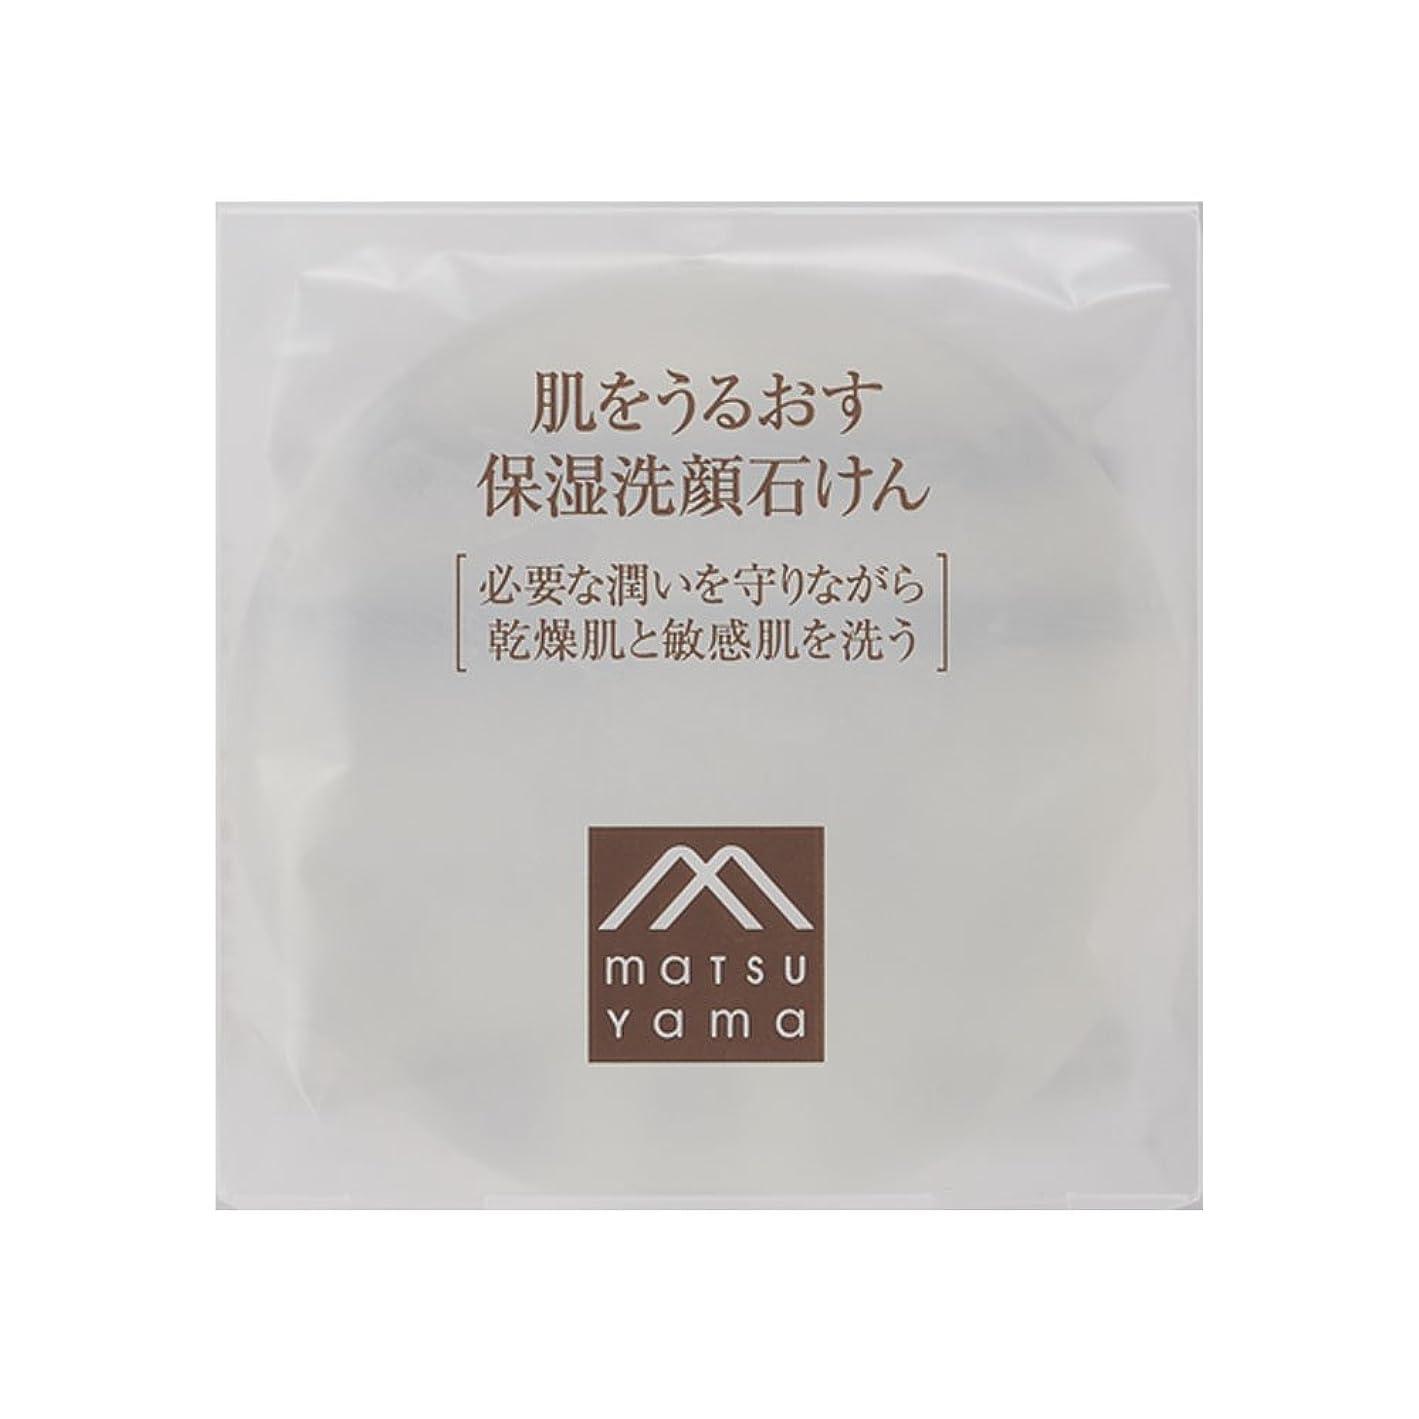 プロテスタント光のしみ肌をうるおす保湿洗顔石けん(洗顔料) [乾燥肌 敏感肌]